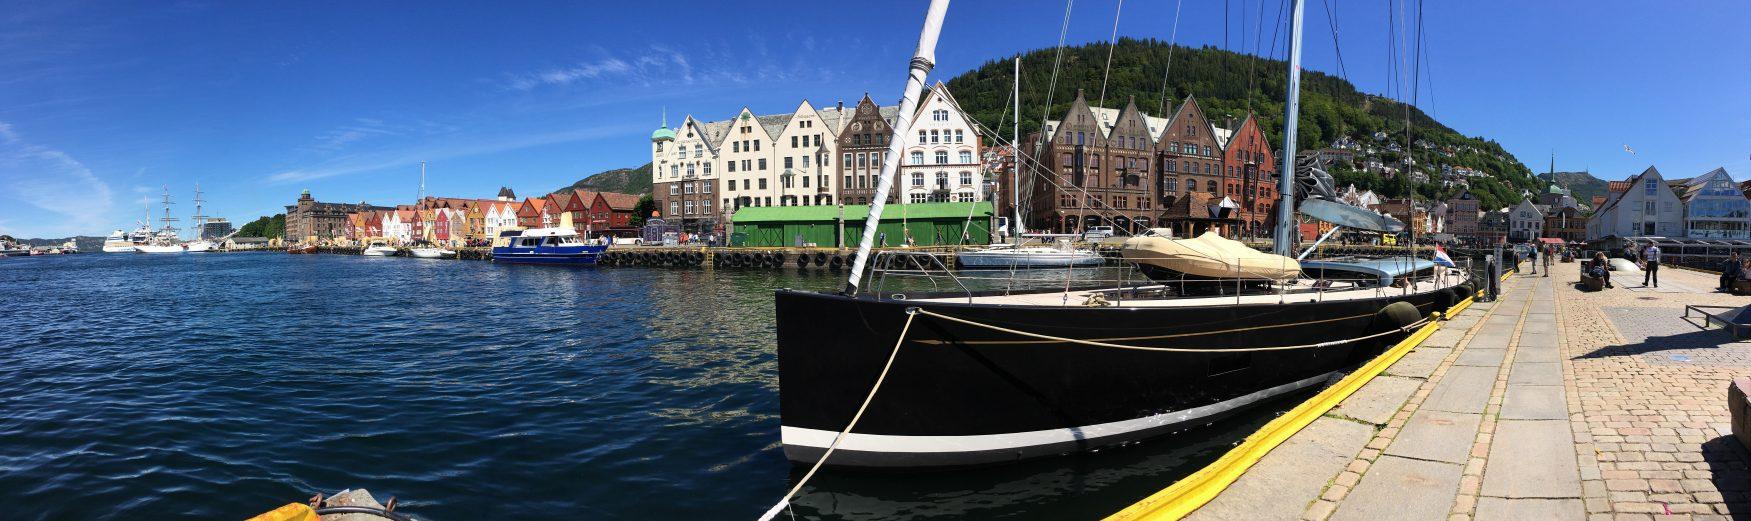 Im Hafen von Bergen Foto: K.Weirauch